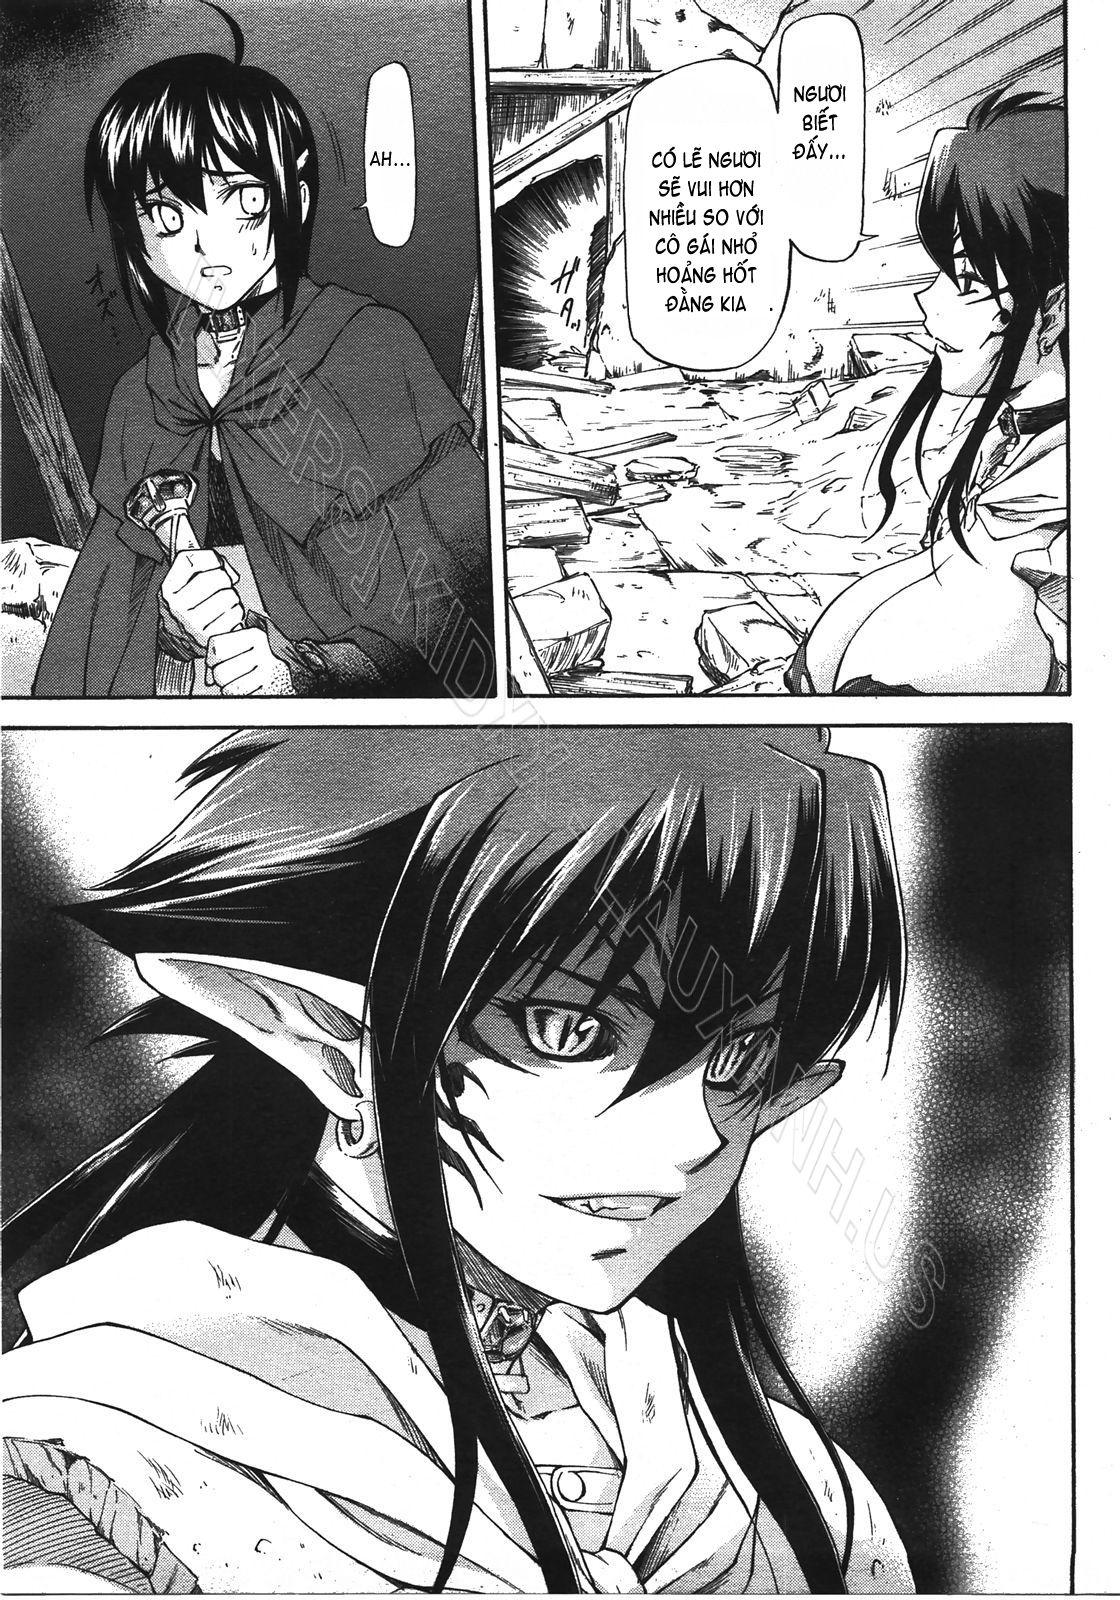 Hình ảnh Hinh_023 trong bài viết Truyện tranh hentai không che: Parabellum